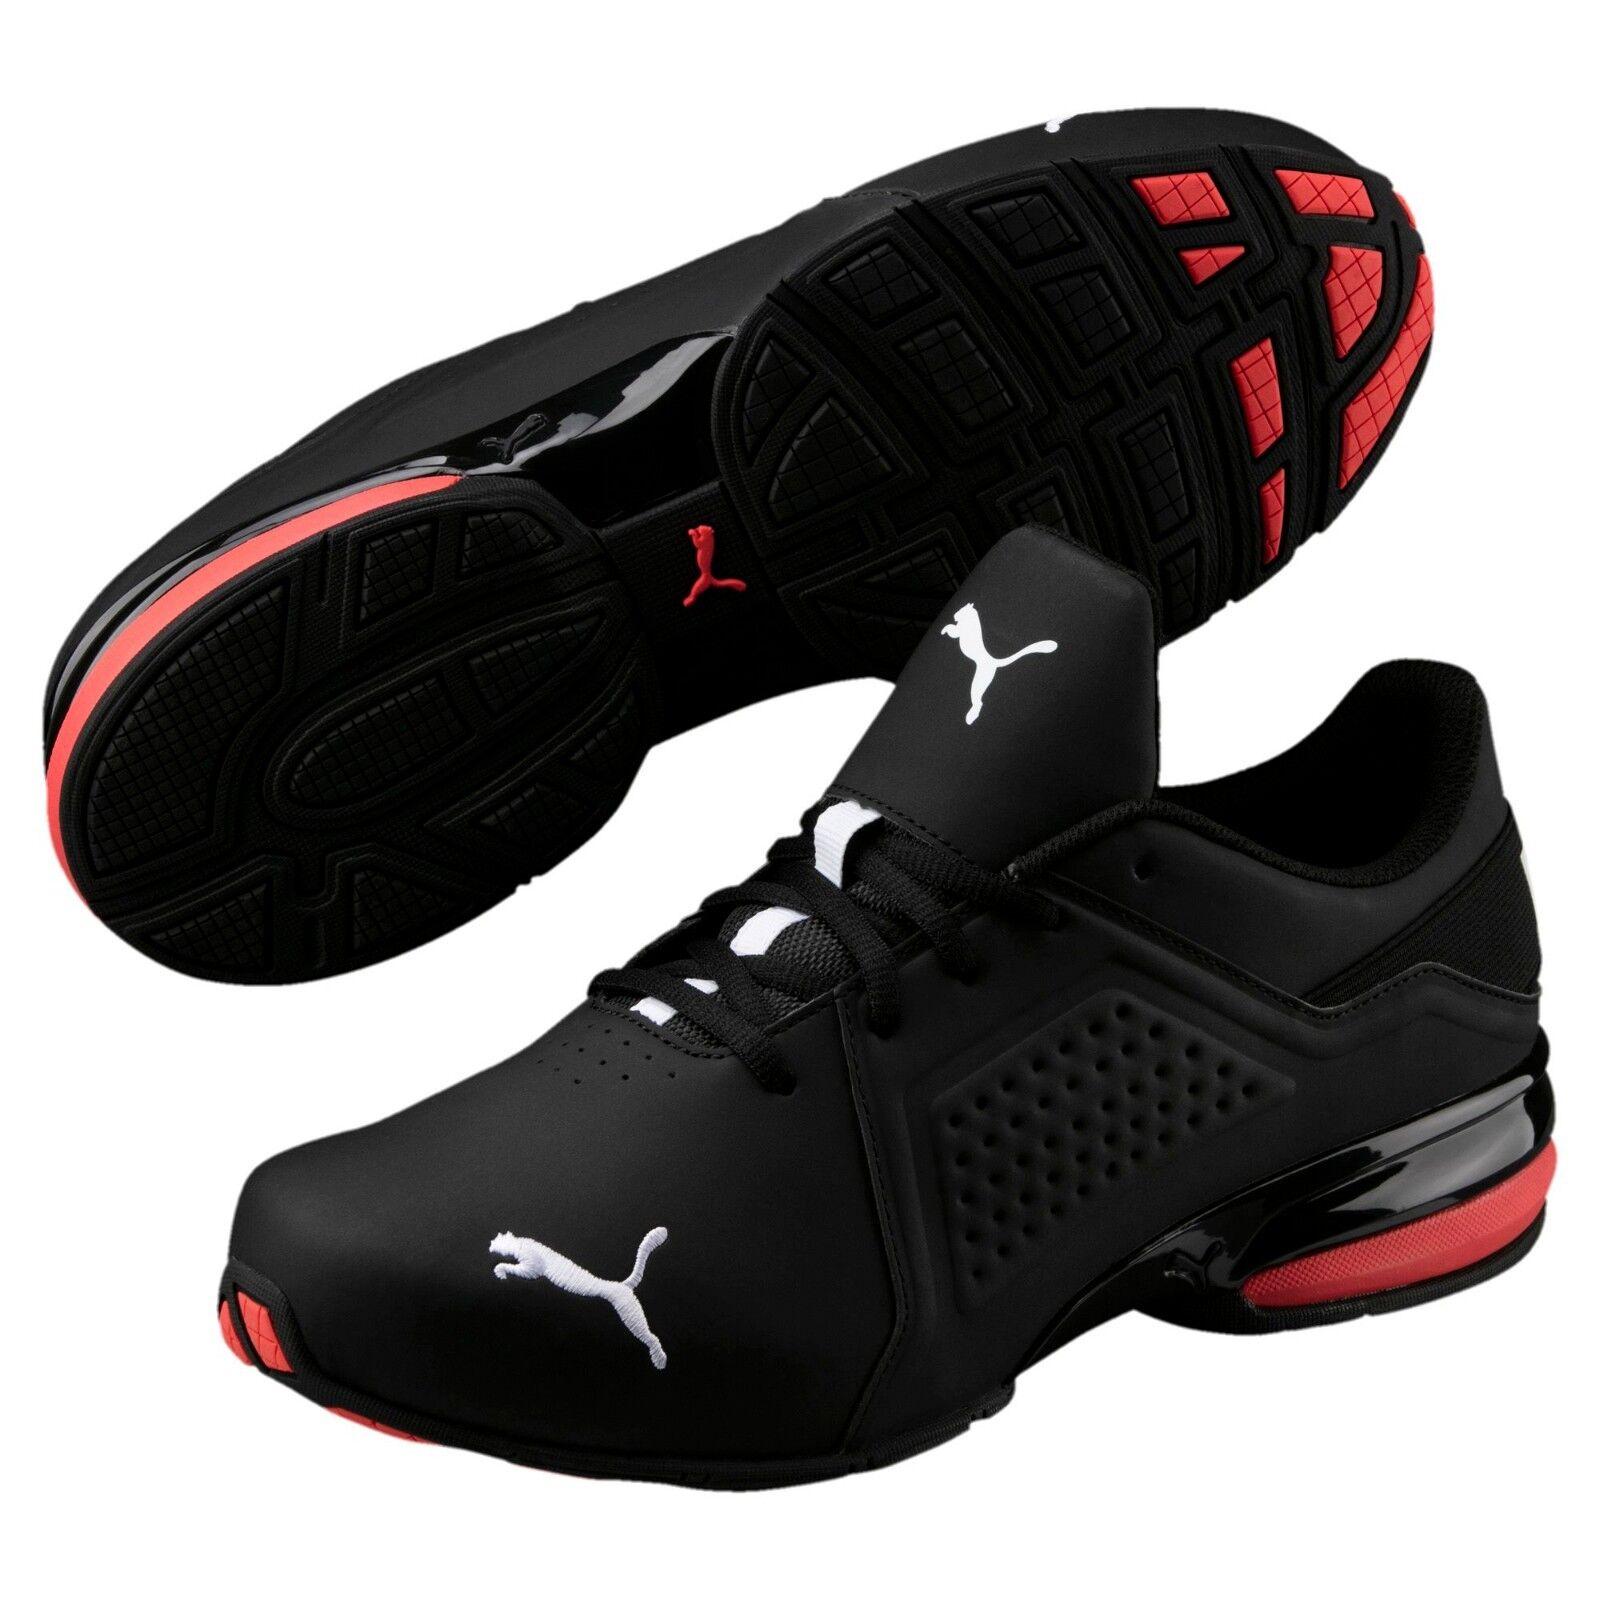 New Mens Puma Viz Runner men's running shoes black white 191037-02 NEW IN BOX